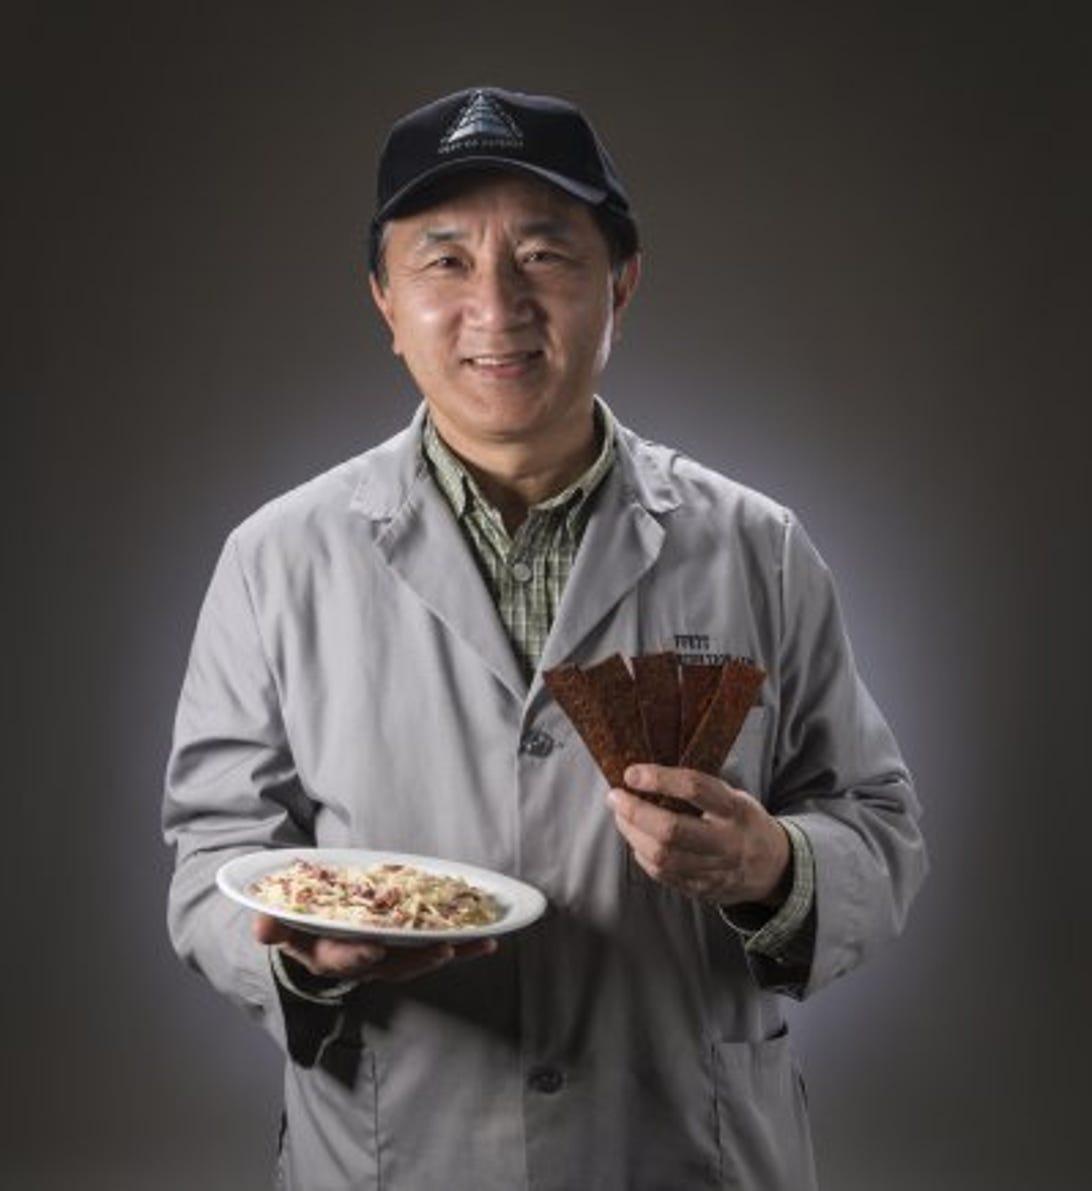 cnet-military-meat-dr-tom-yang-holds-jerky.jpg